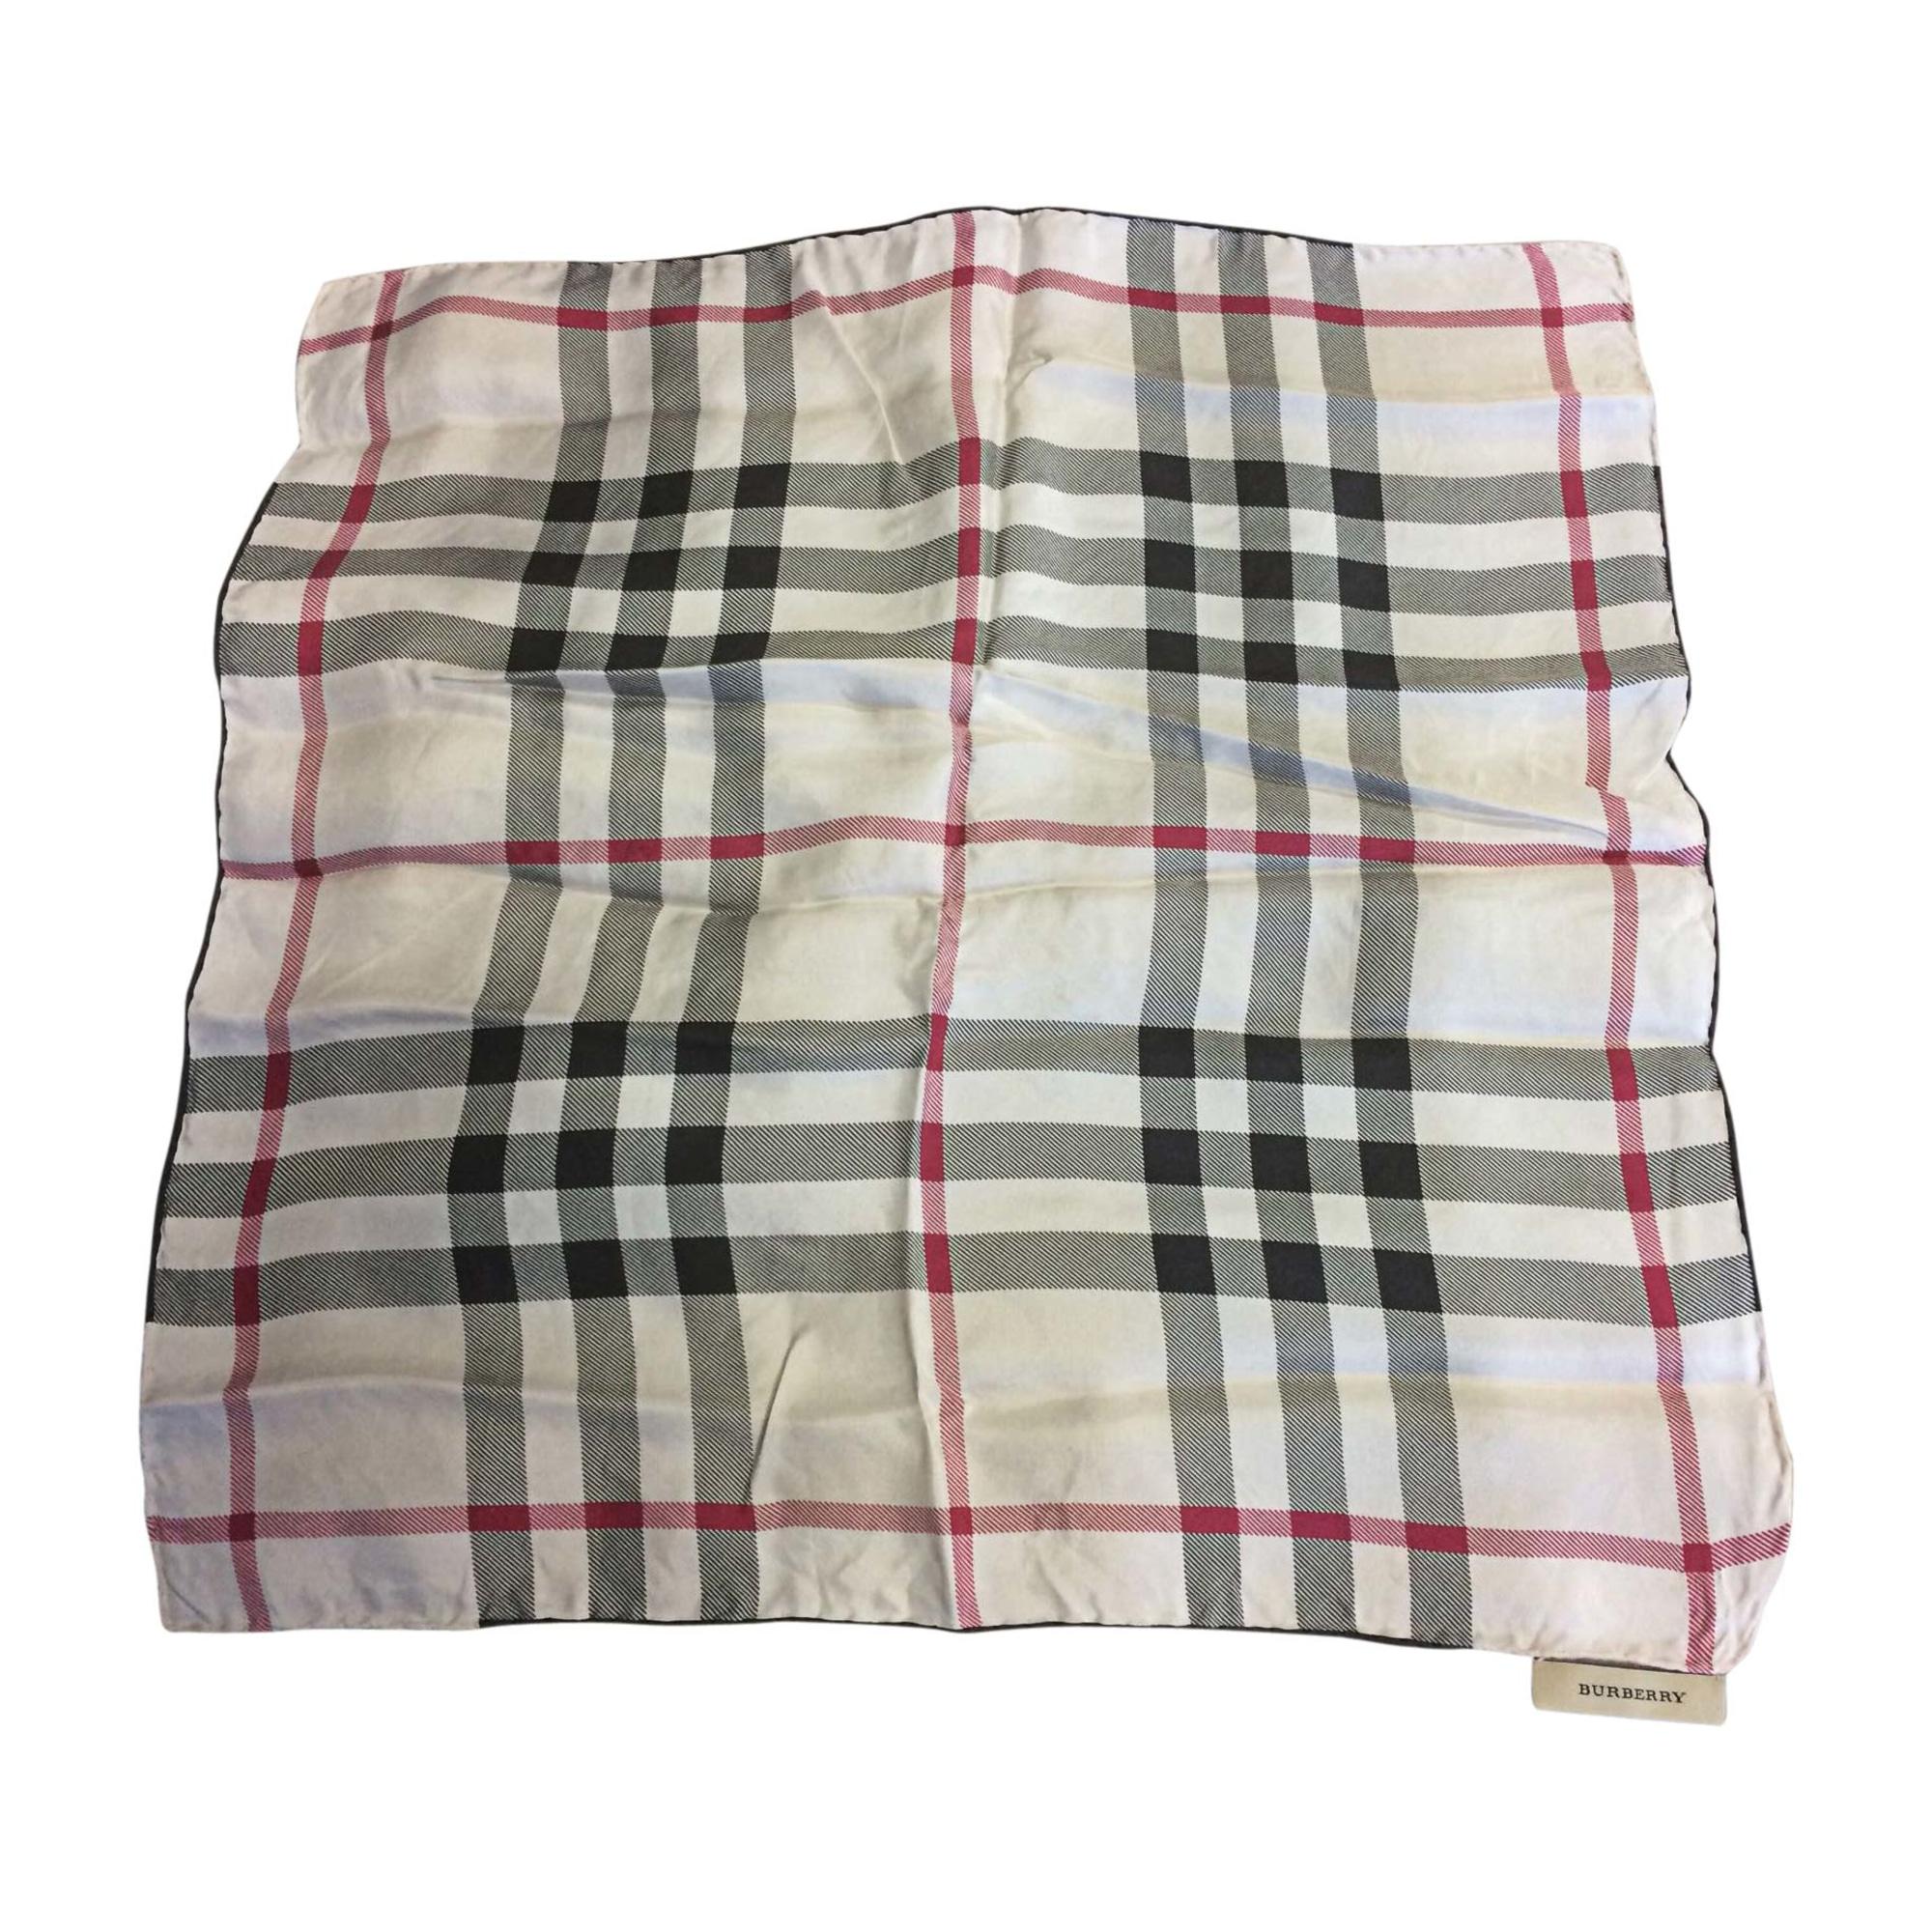 burberry foulard Avis en ligne ba8294ece20